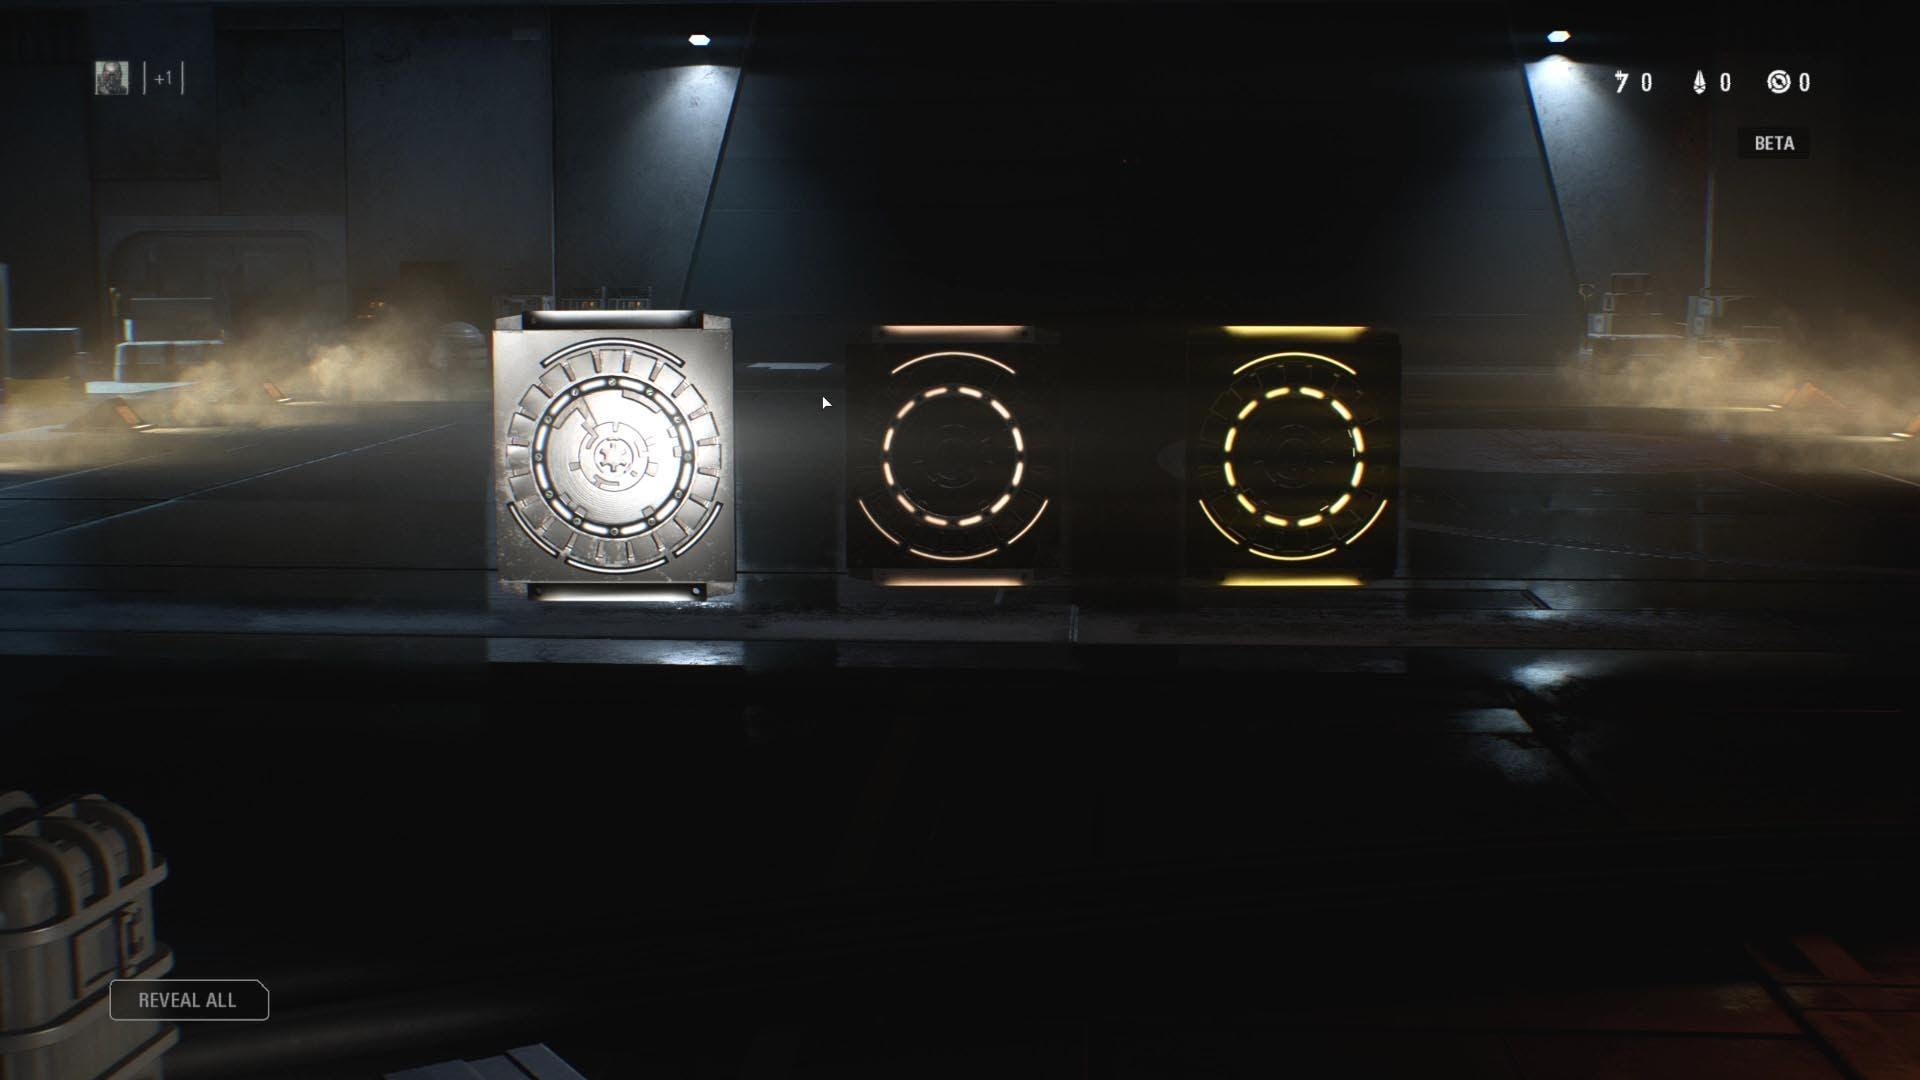 El renovado sistema de progresión de Star Wars: Battlefront II llegará la semana que viene 3